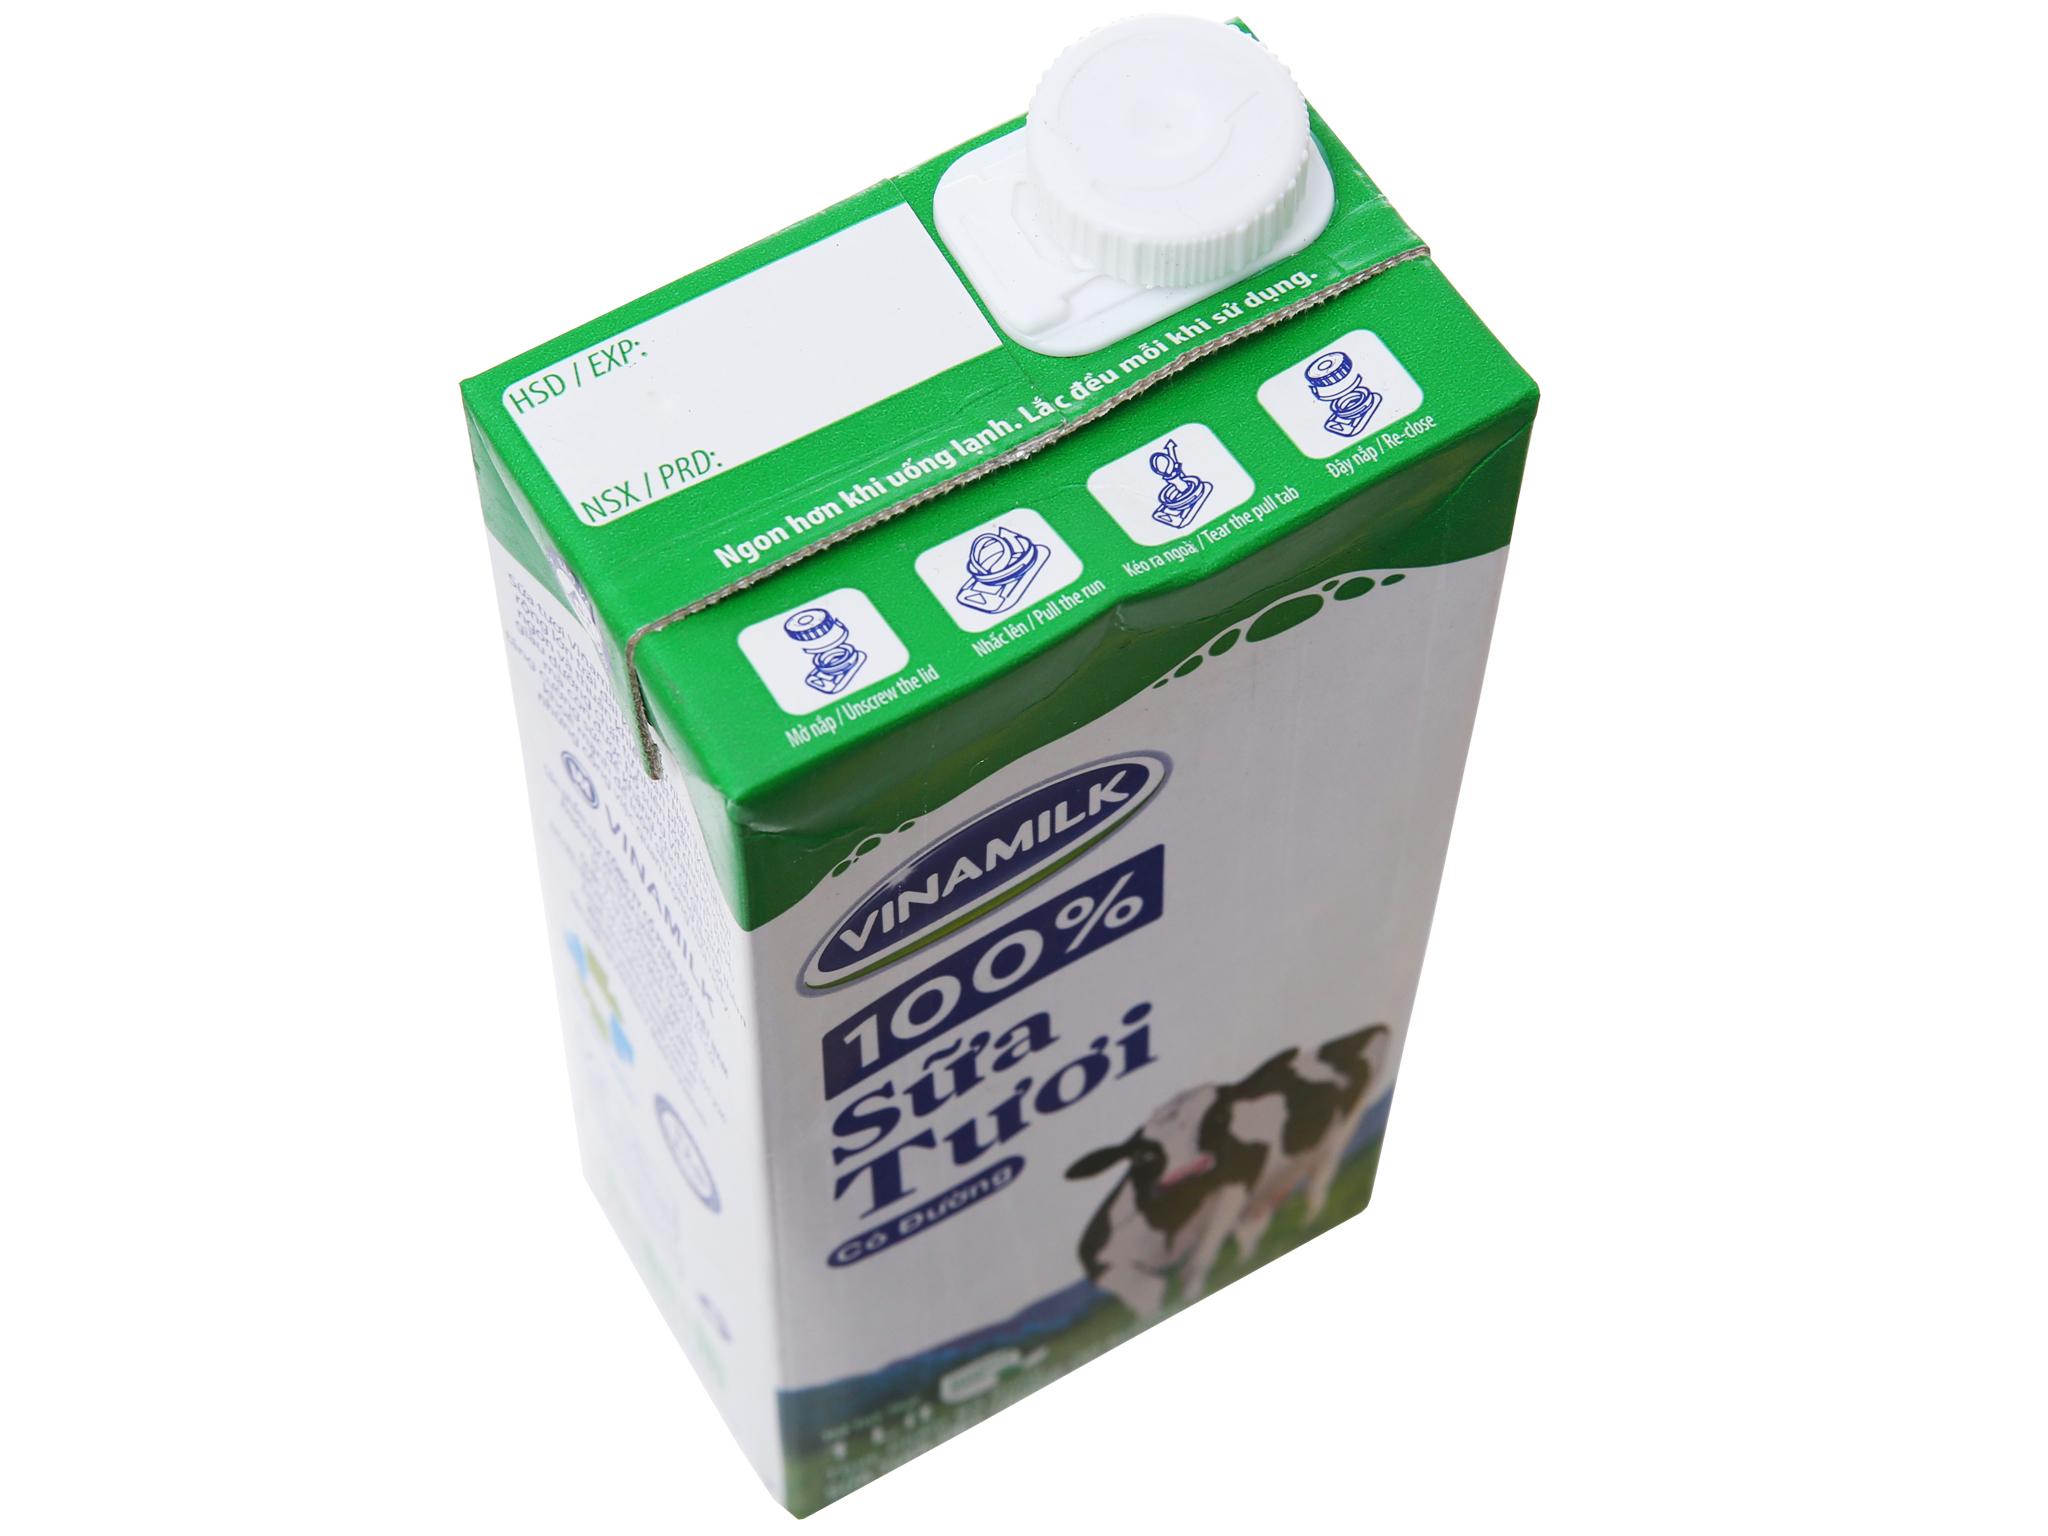 Sữa tươi tiệt trùng Vinamilk 100% Sữa Tươi có đường hộp 1 lít 3